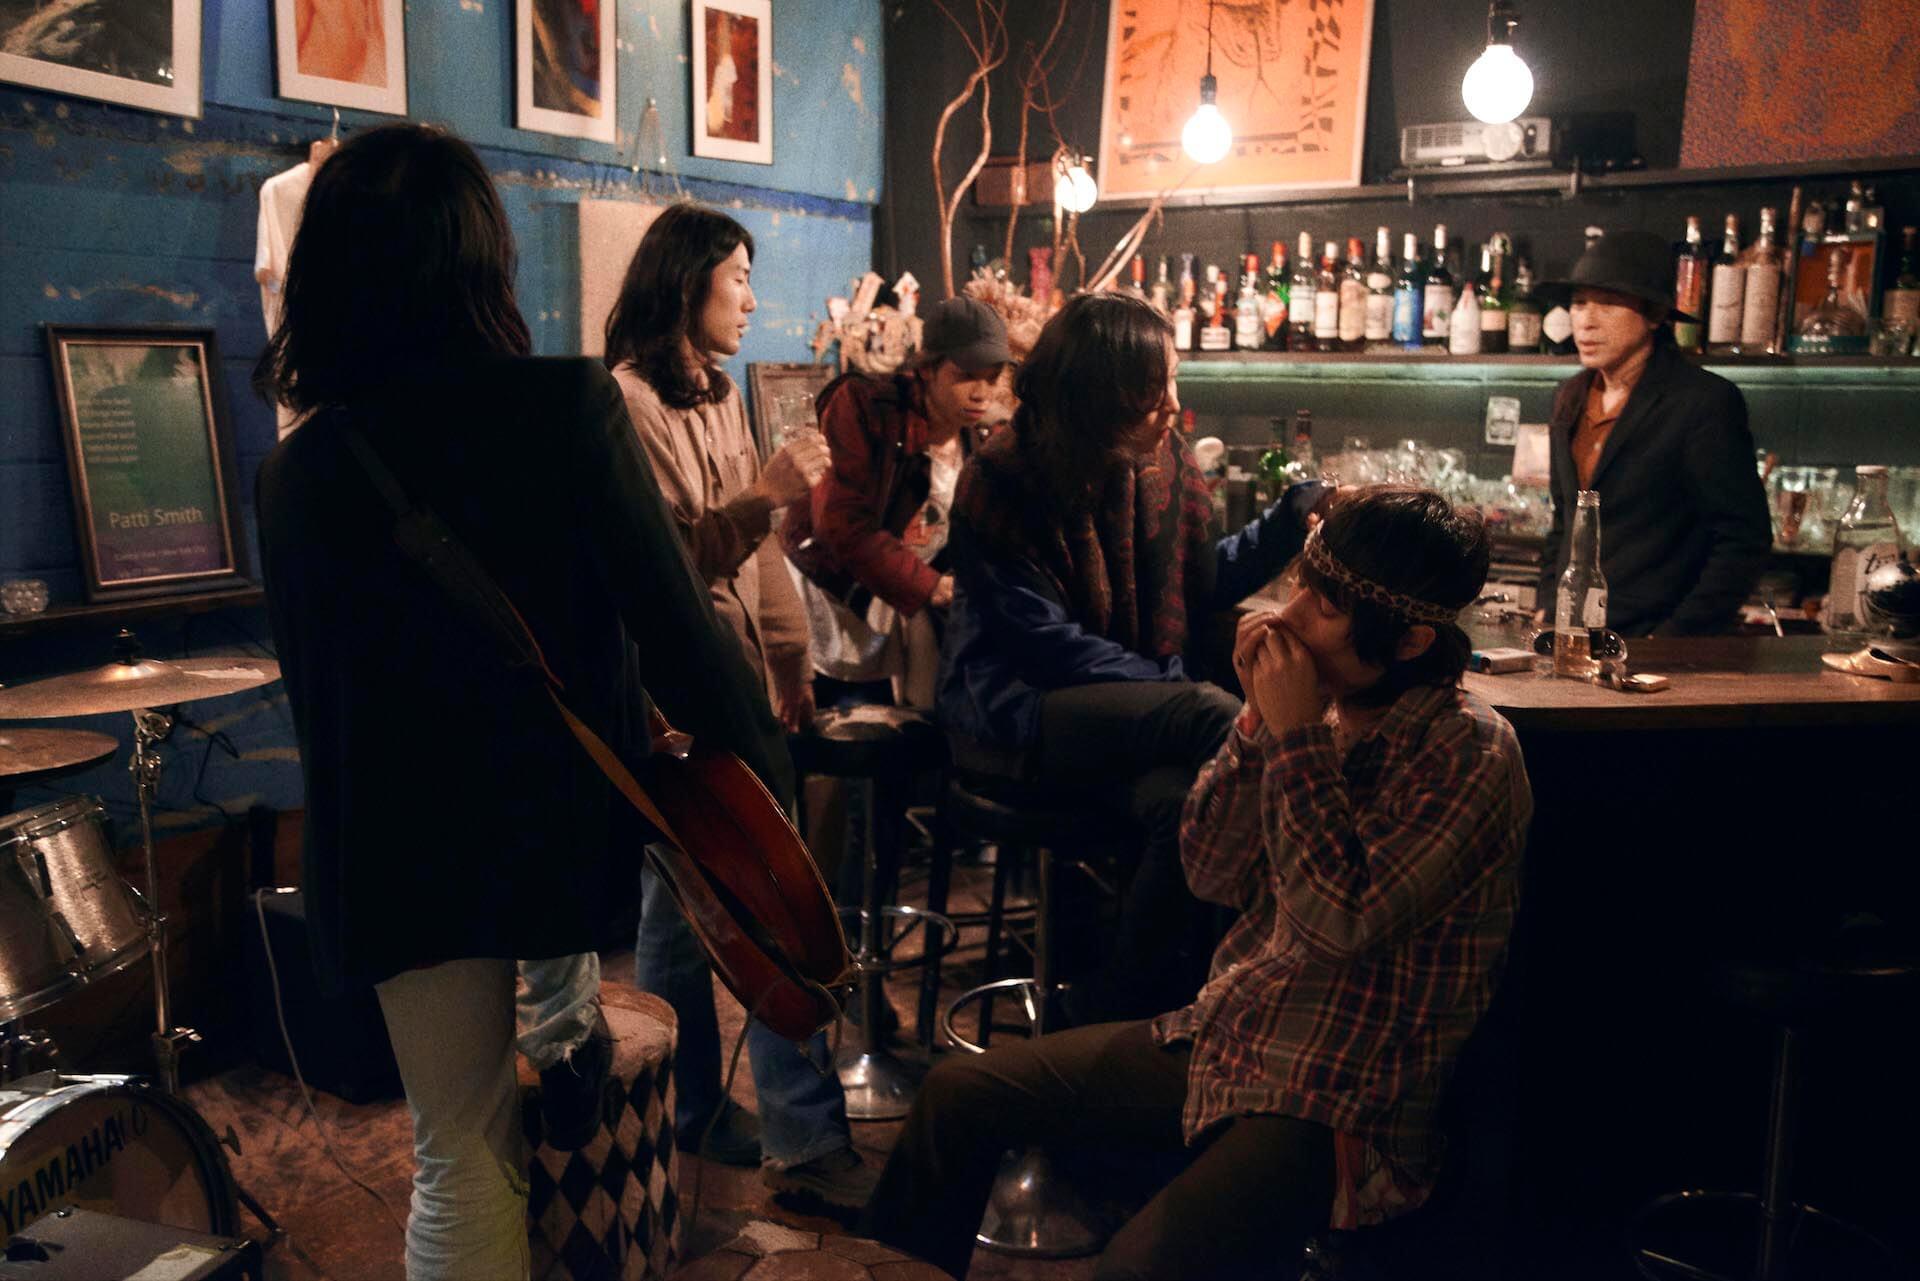 PALLADIUM×HAPPY|ファッションと音楽の関係性を探る都市探索 interview-happy-31